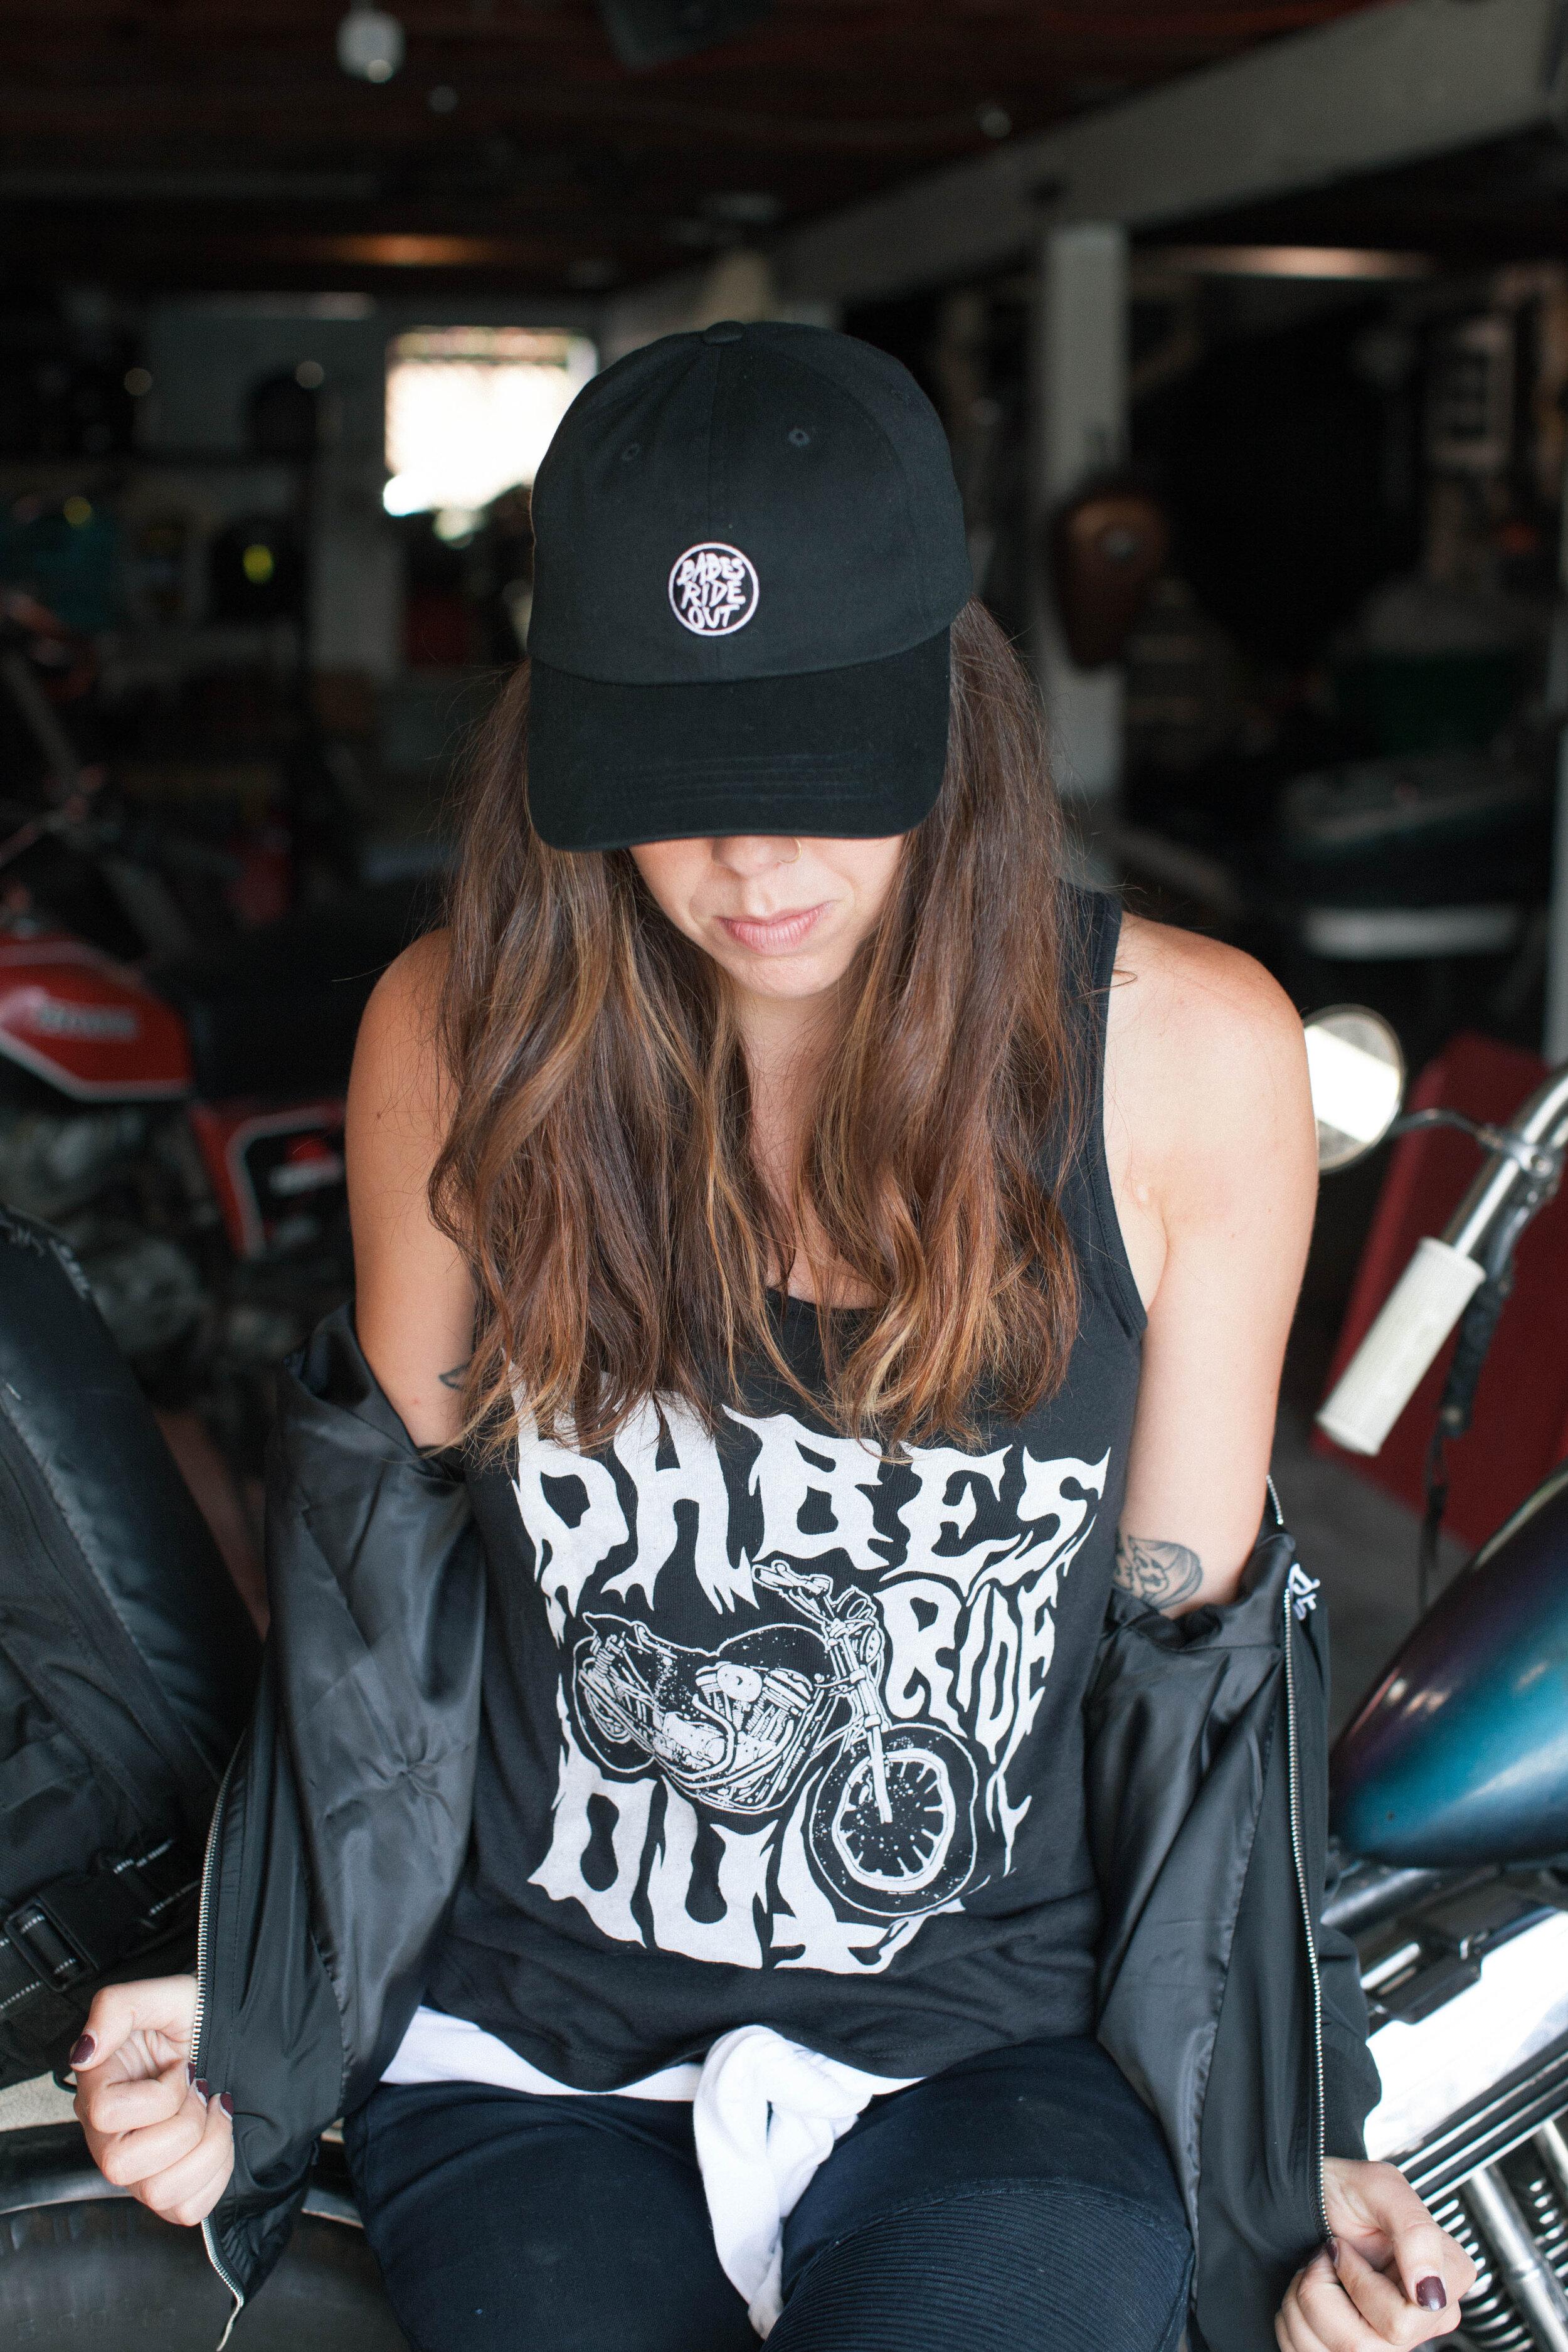 Babes_Ride_Out_Merch_0024.jpg